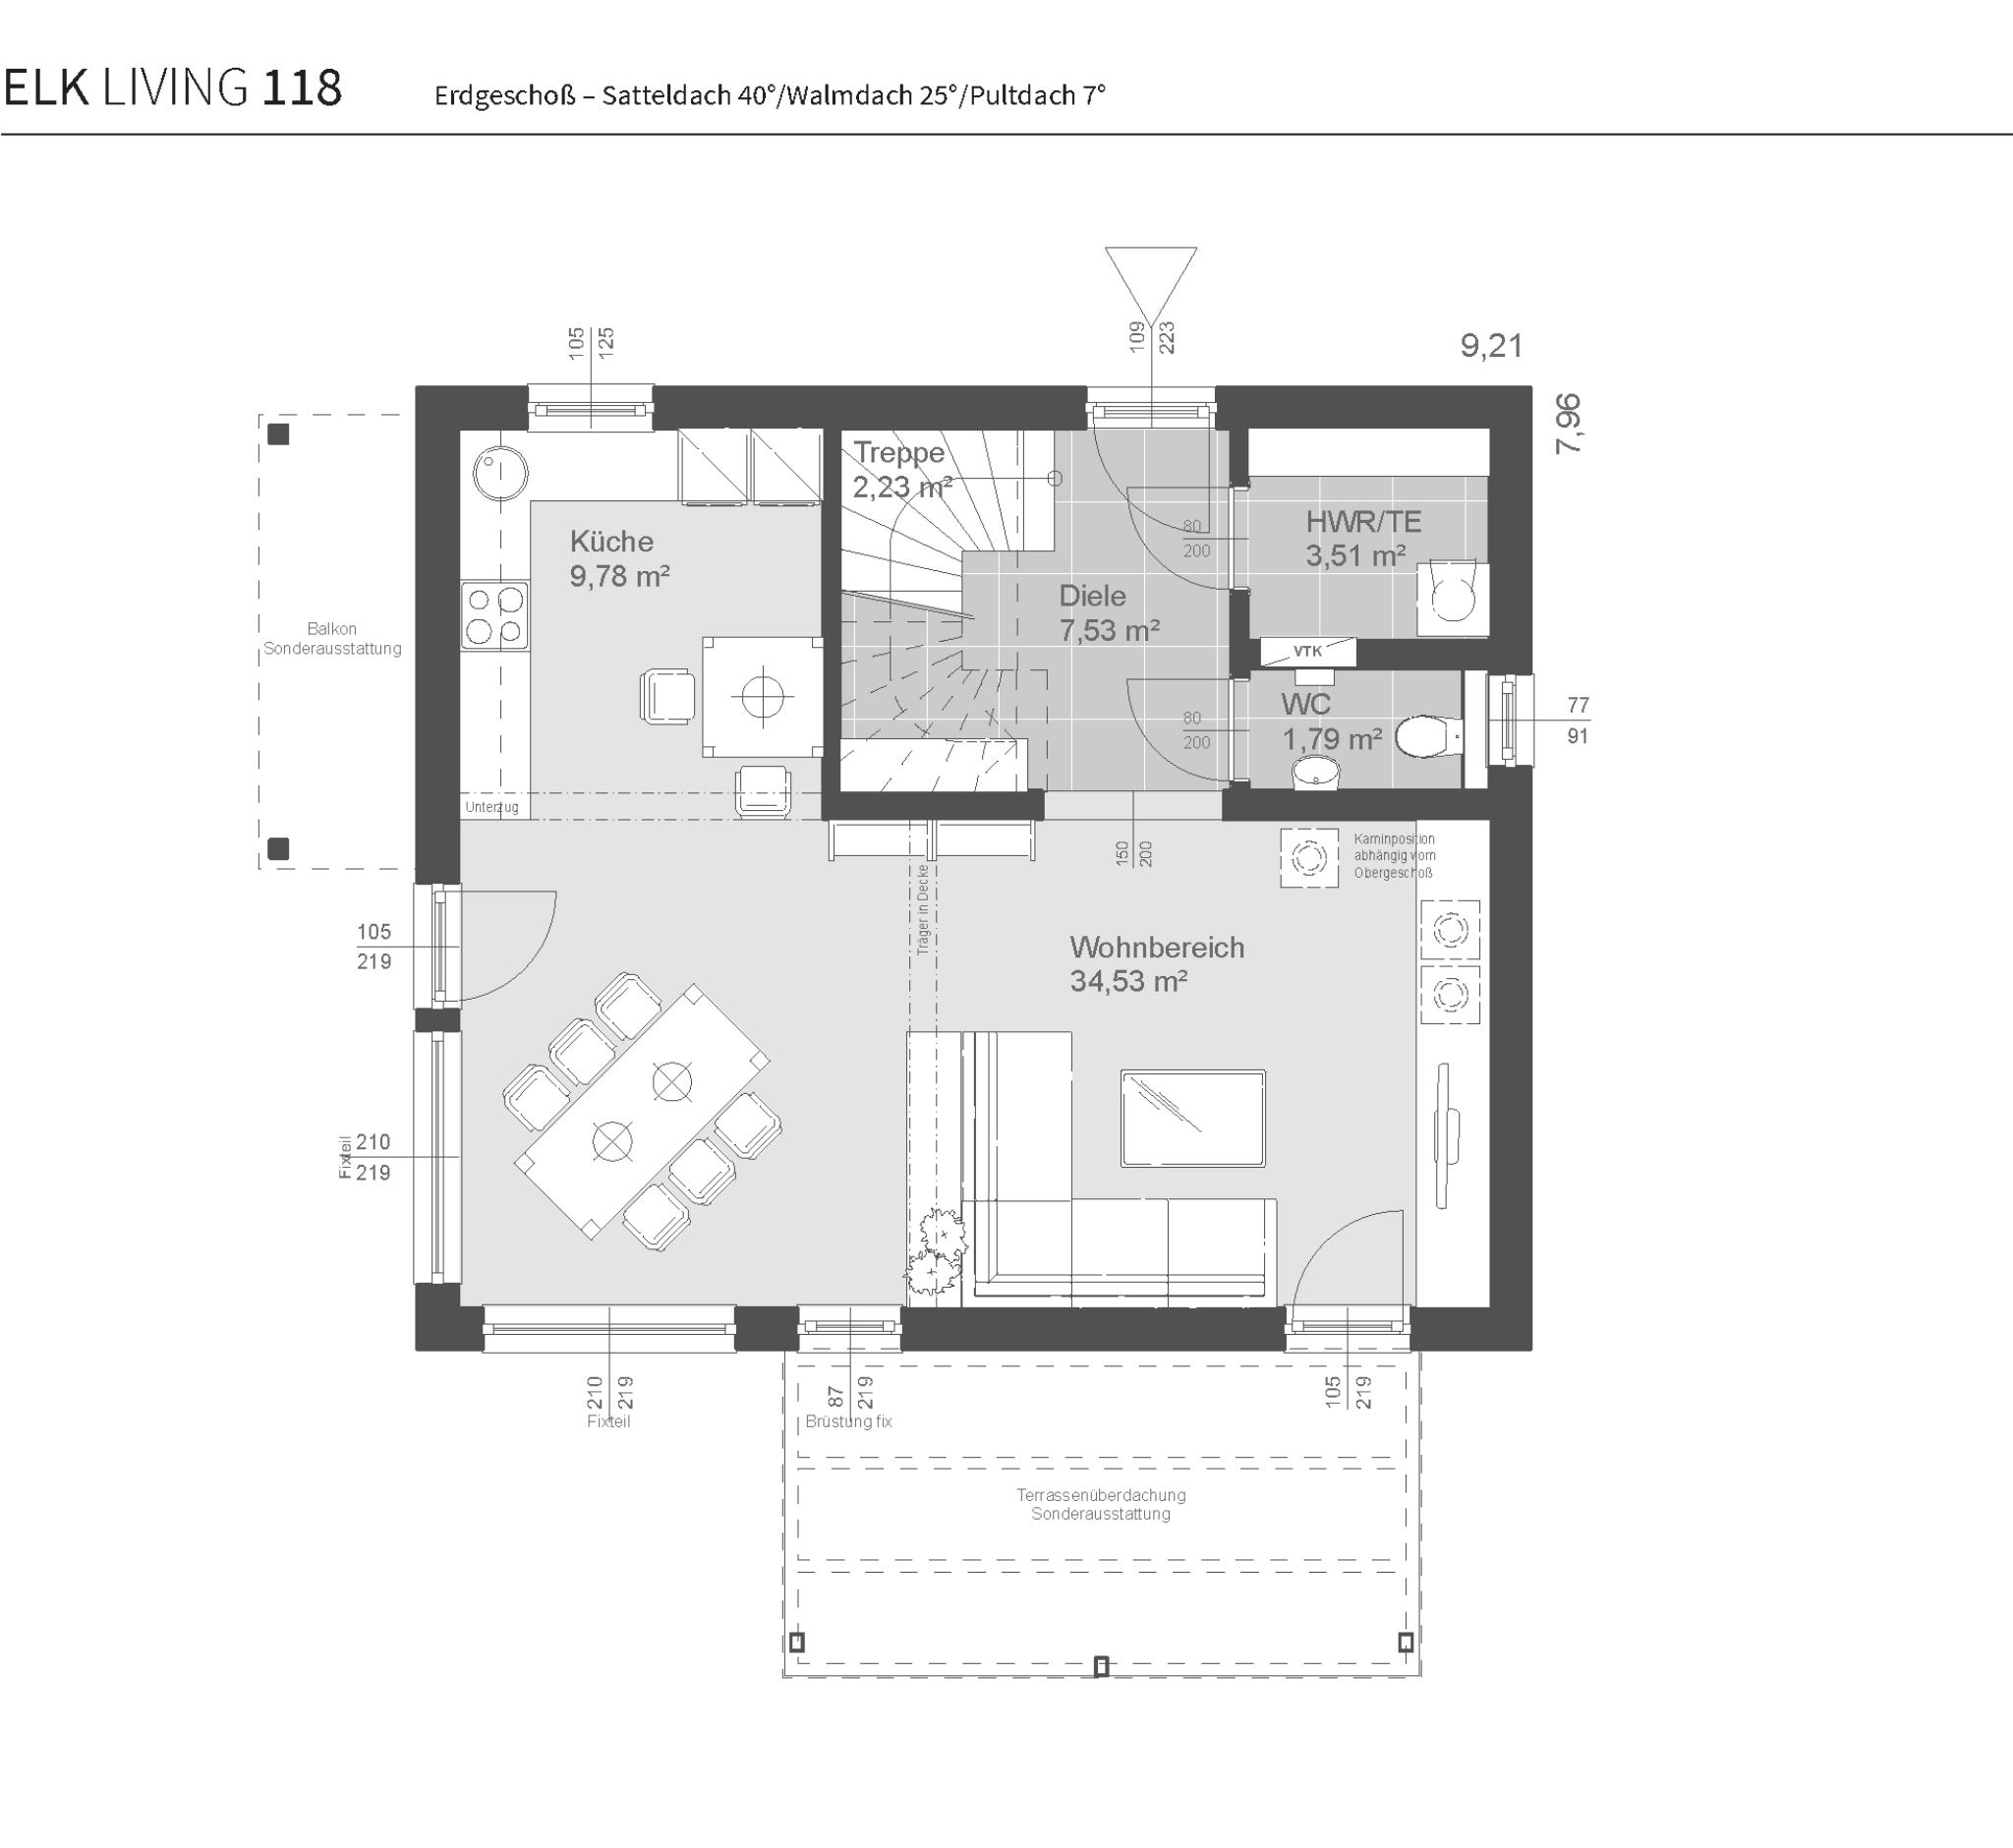 grundriss-fertighaus-elk-living-118-erdgeschoss-satteldach40-walmdach25-pultdach7